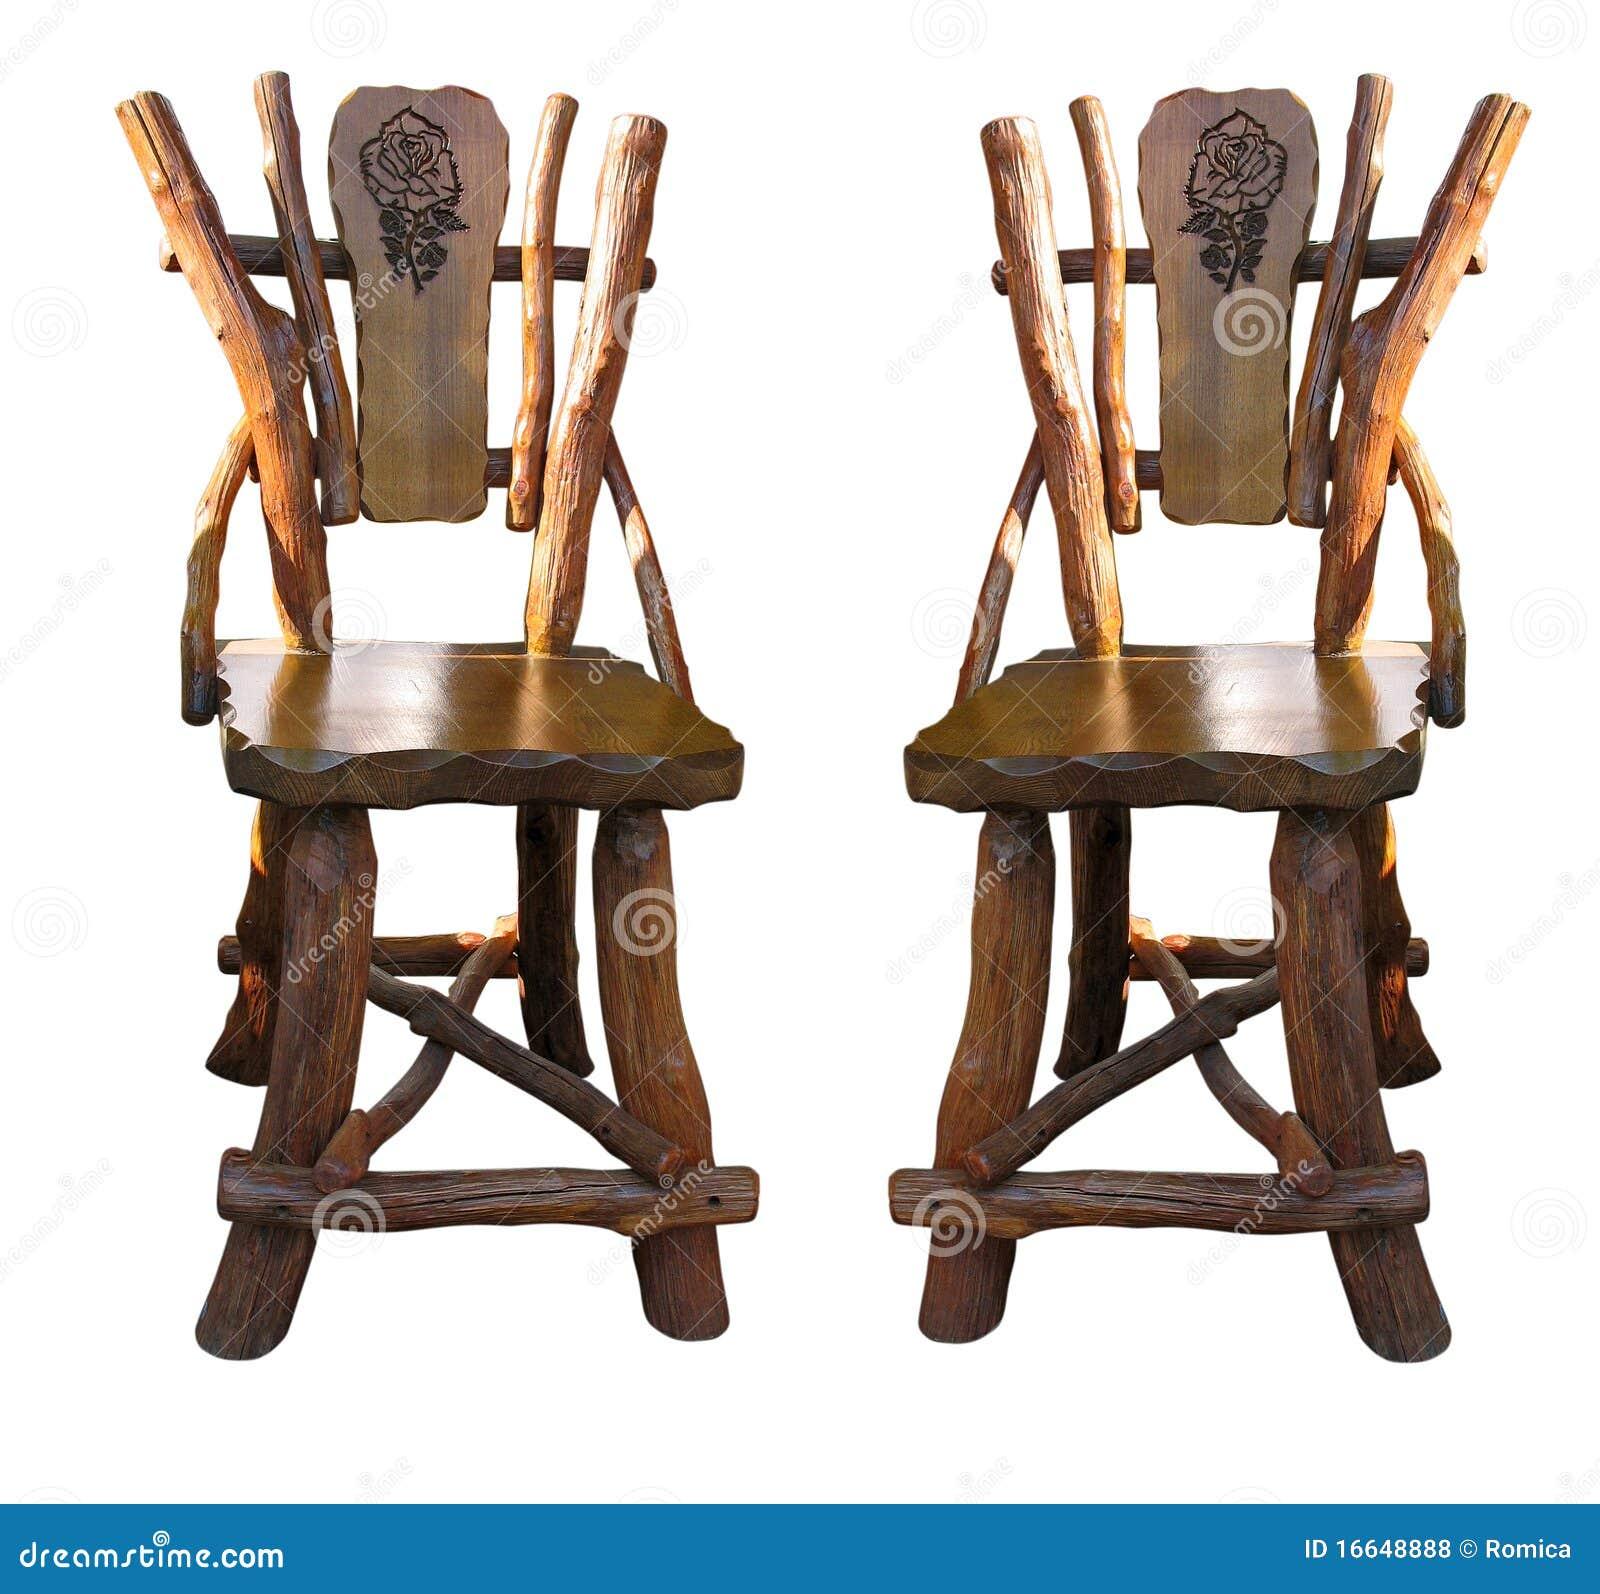 Sillas de madera antiguas viejas del trabajo hecho a mano aisladas foto de archivo imagen de - Sillas de madera antiguas ...